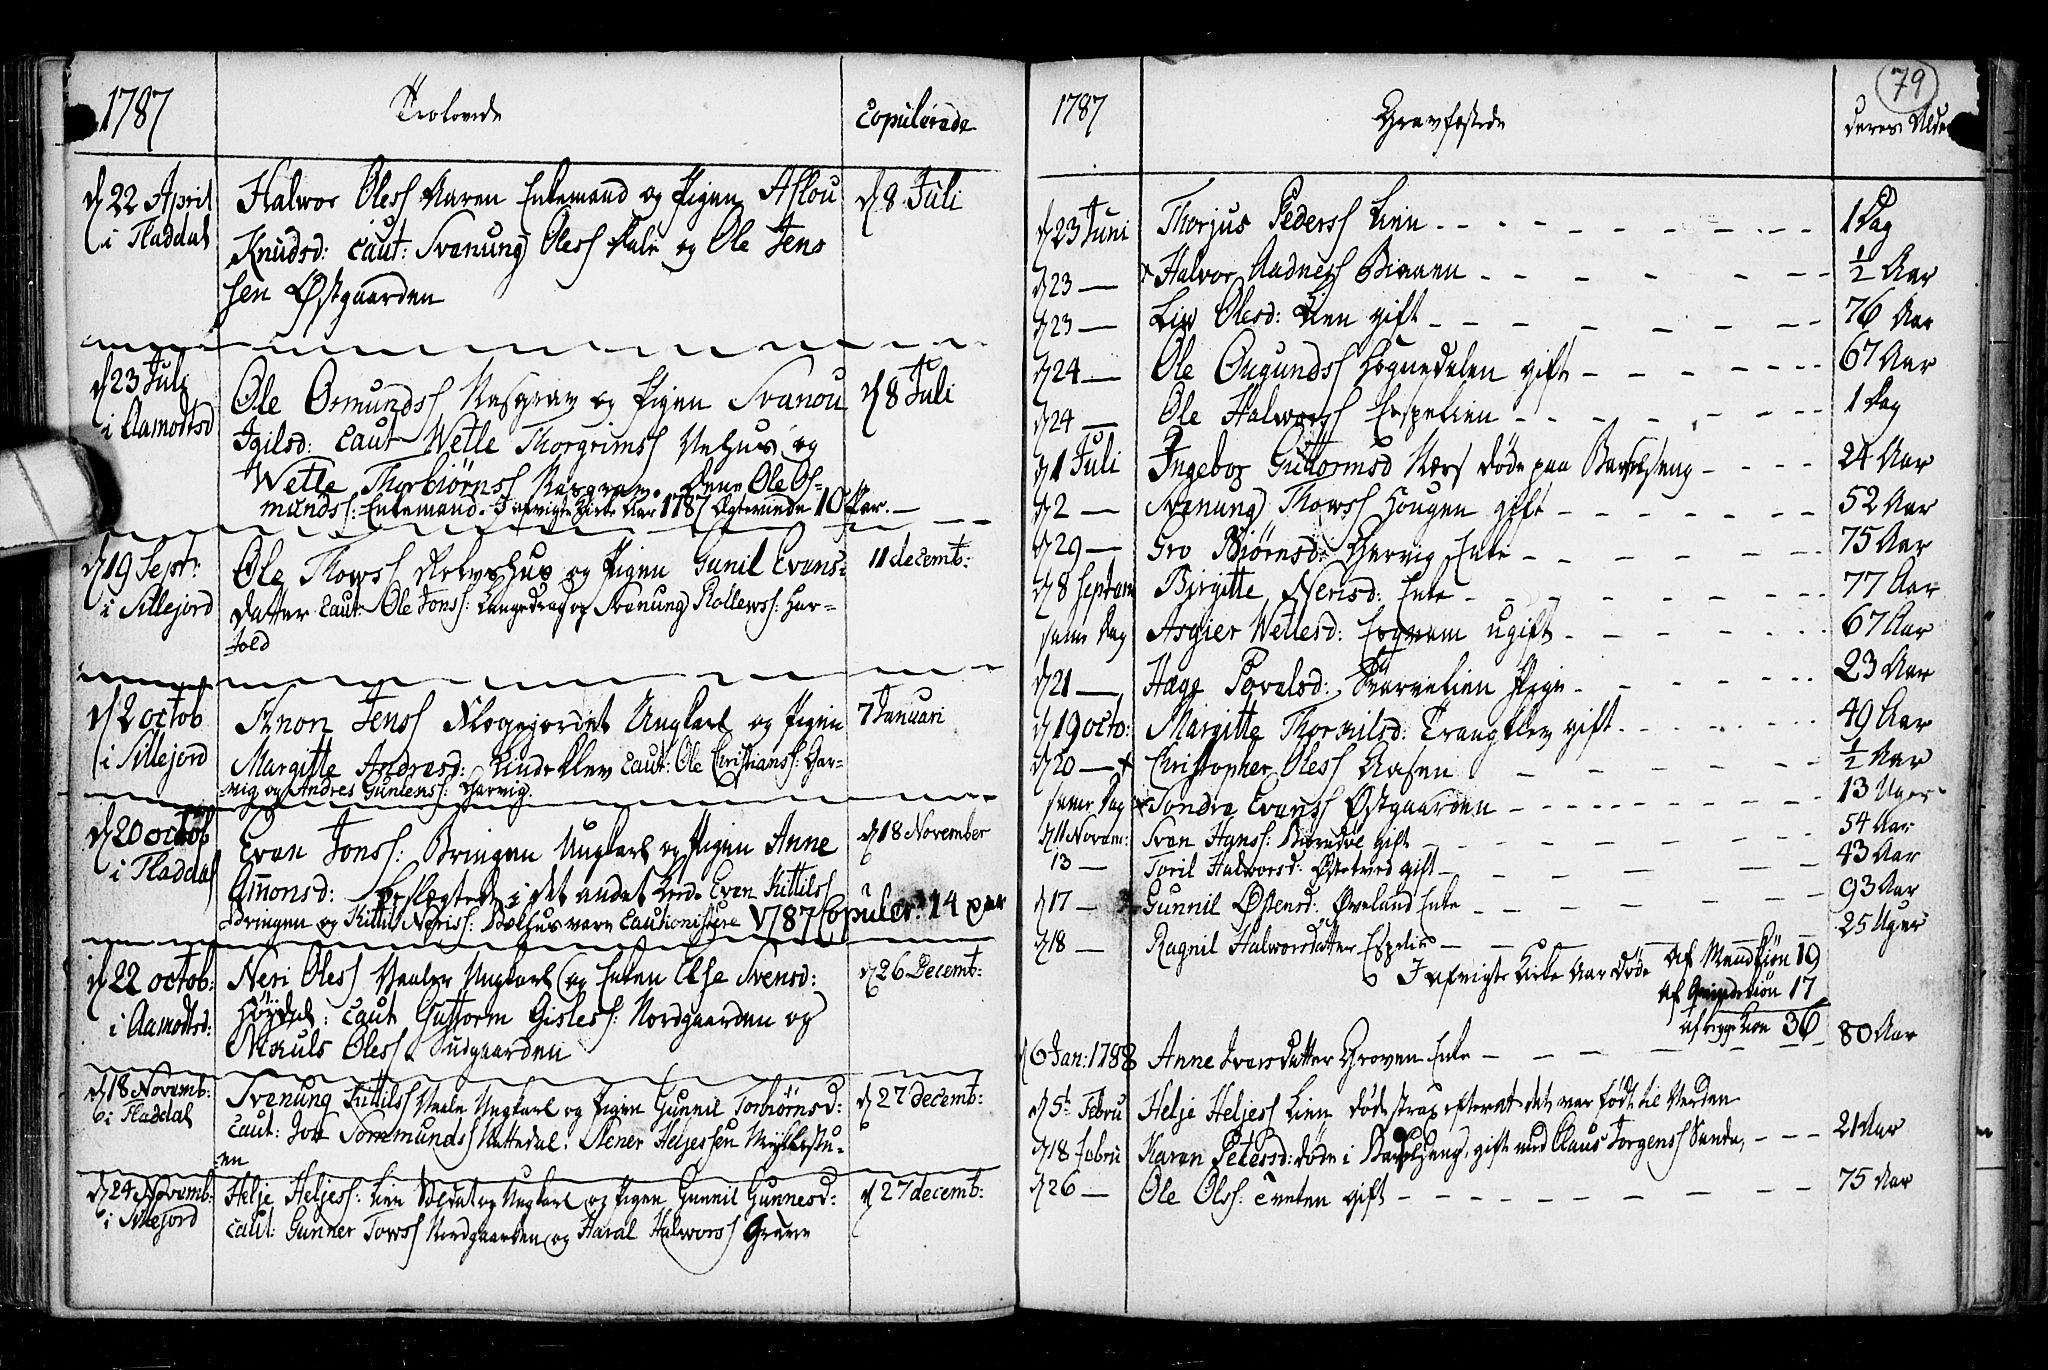 SAKO, Seljord kirkebøker, F/Fa/L0008: Ministerialbok nr. I 8, 1755-1814, s. 79